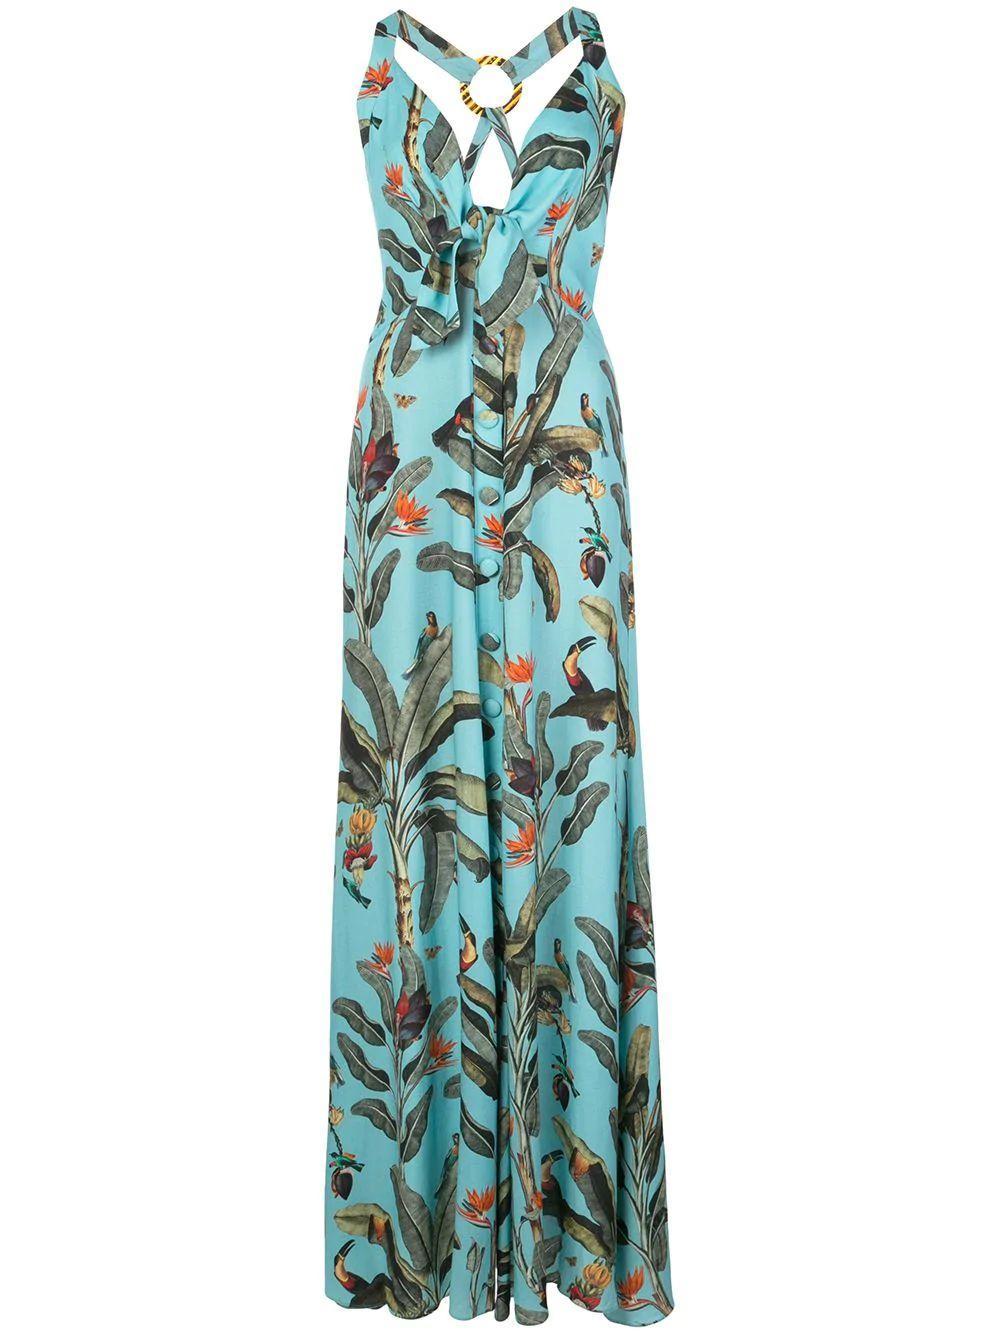 Tropical Print Halter Maxi Dress